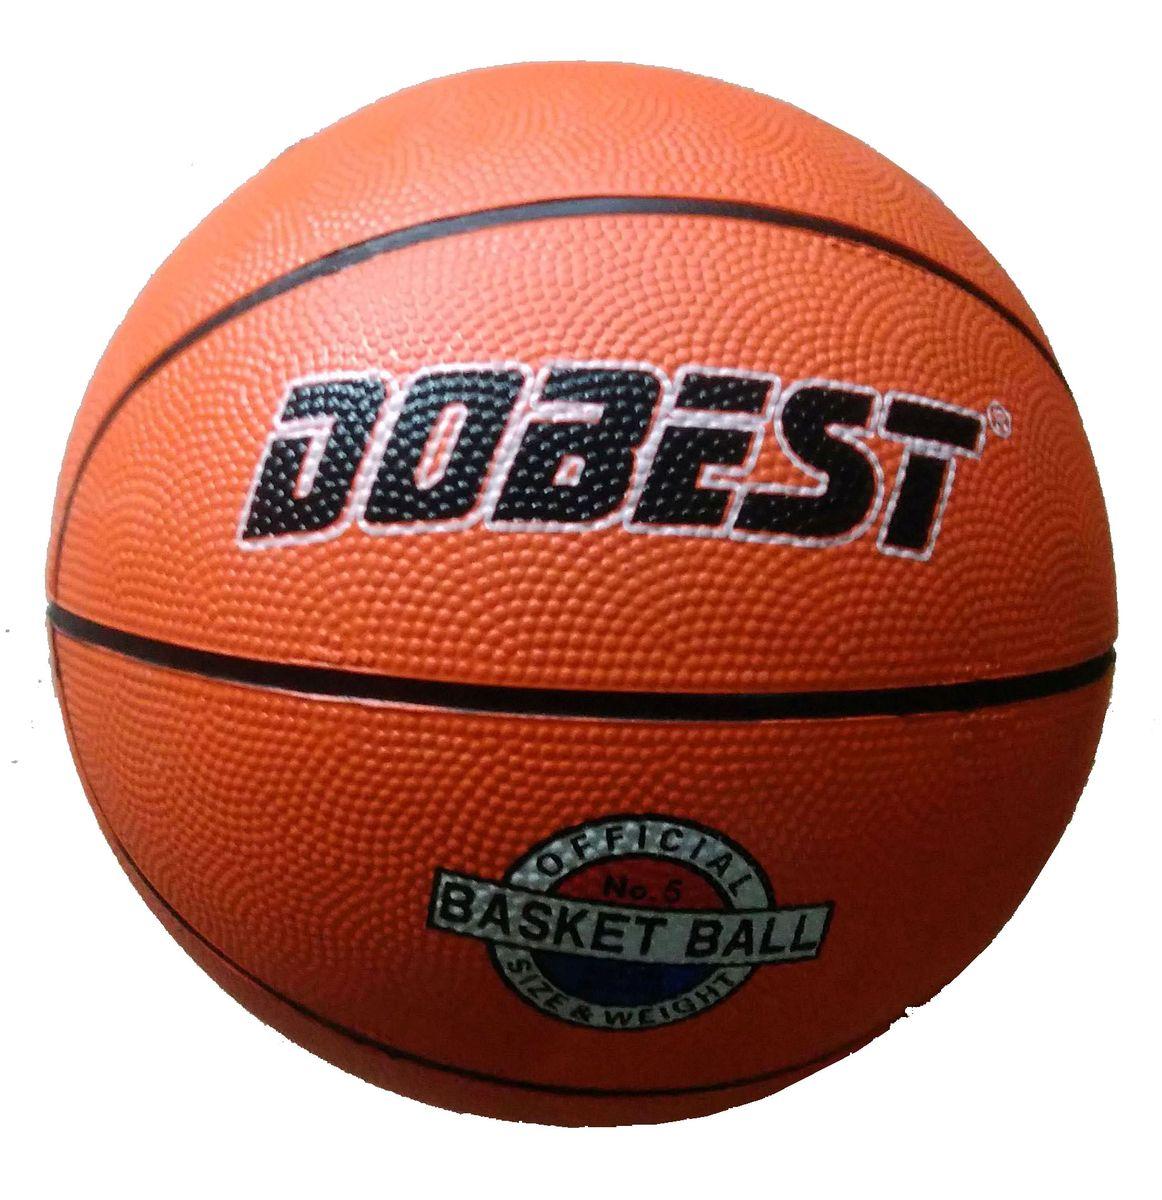 Мяч баскетбольный Dobest RB5, цвет: оранжевый. Размер 528263526Основные характеристики Вид: баскетбольный Уровень игры: любительский Размер: 5 Количество панелей: 8 Количество слоев: 3 Вес: 500 гр. Цвет: оранжевый Материал: резина Мяч подходит для игры на улице и в зале Страна-производитель: Китай Упаковка: пакет (поставляется в сдутом виде) Баскетбольные мячи 5 размера предназначены для мини-баскетбола и юниорских команд, за которые играют дети и подростки в возрасте до 12 лет. Ни для кого не секрет, что активные физические нагрузки очень полезны и нужны человеческому организму. А баскетбол, - это, пожалуй, одна из тех игр, в которых активно работают практически все мышцы тела, тренируются лёгкие, выносливость.